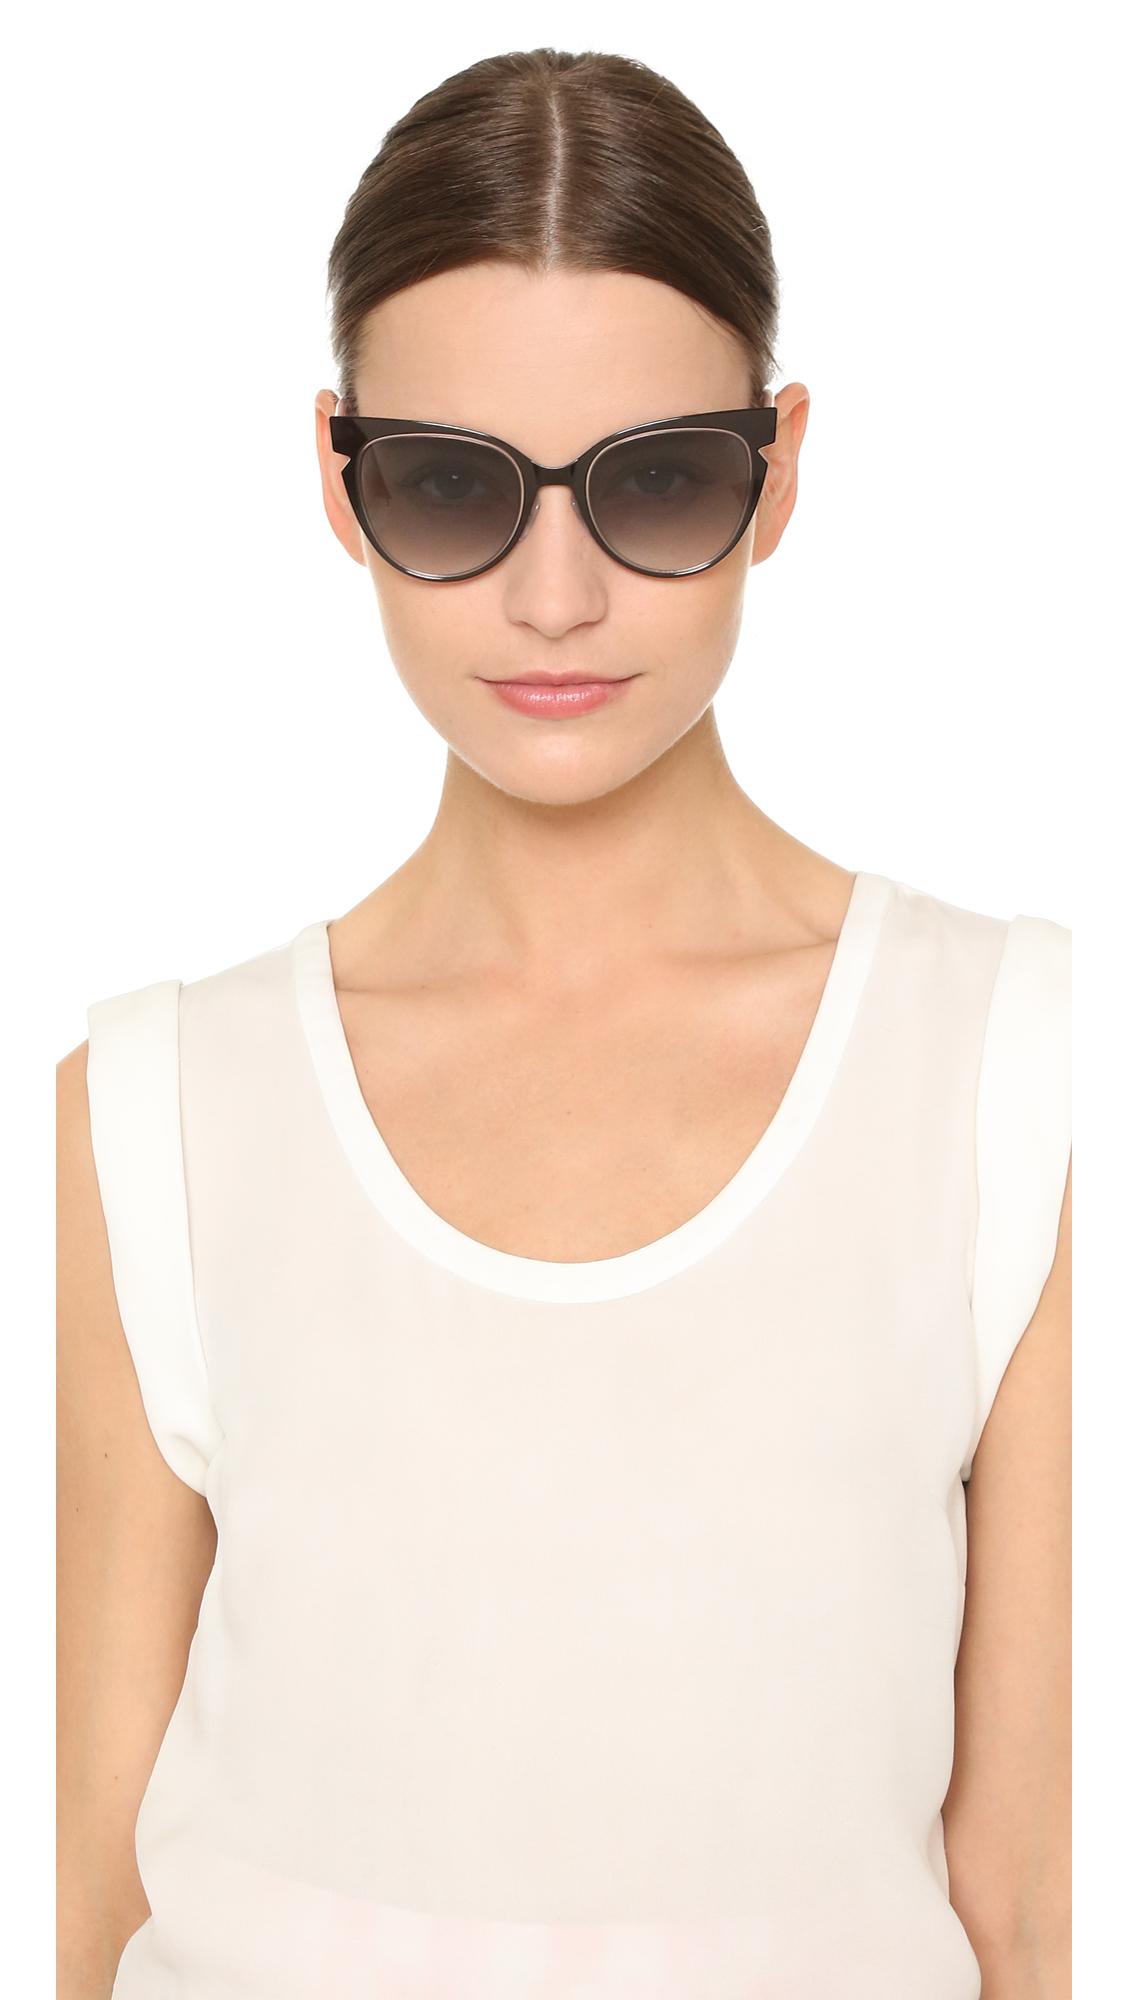 b86a5405e3868 Fendi Cutout Sunglasses in Black - Lyst